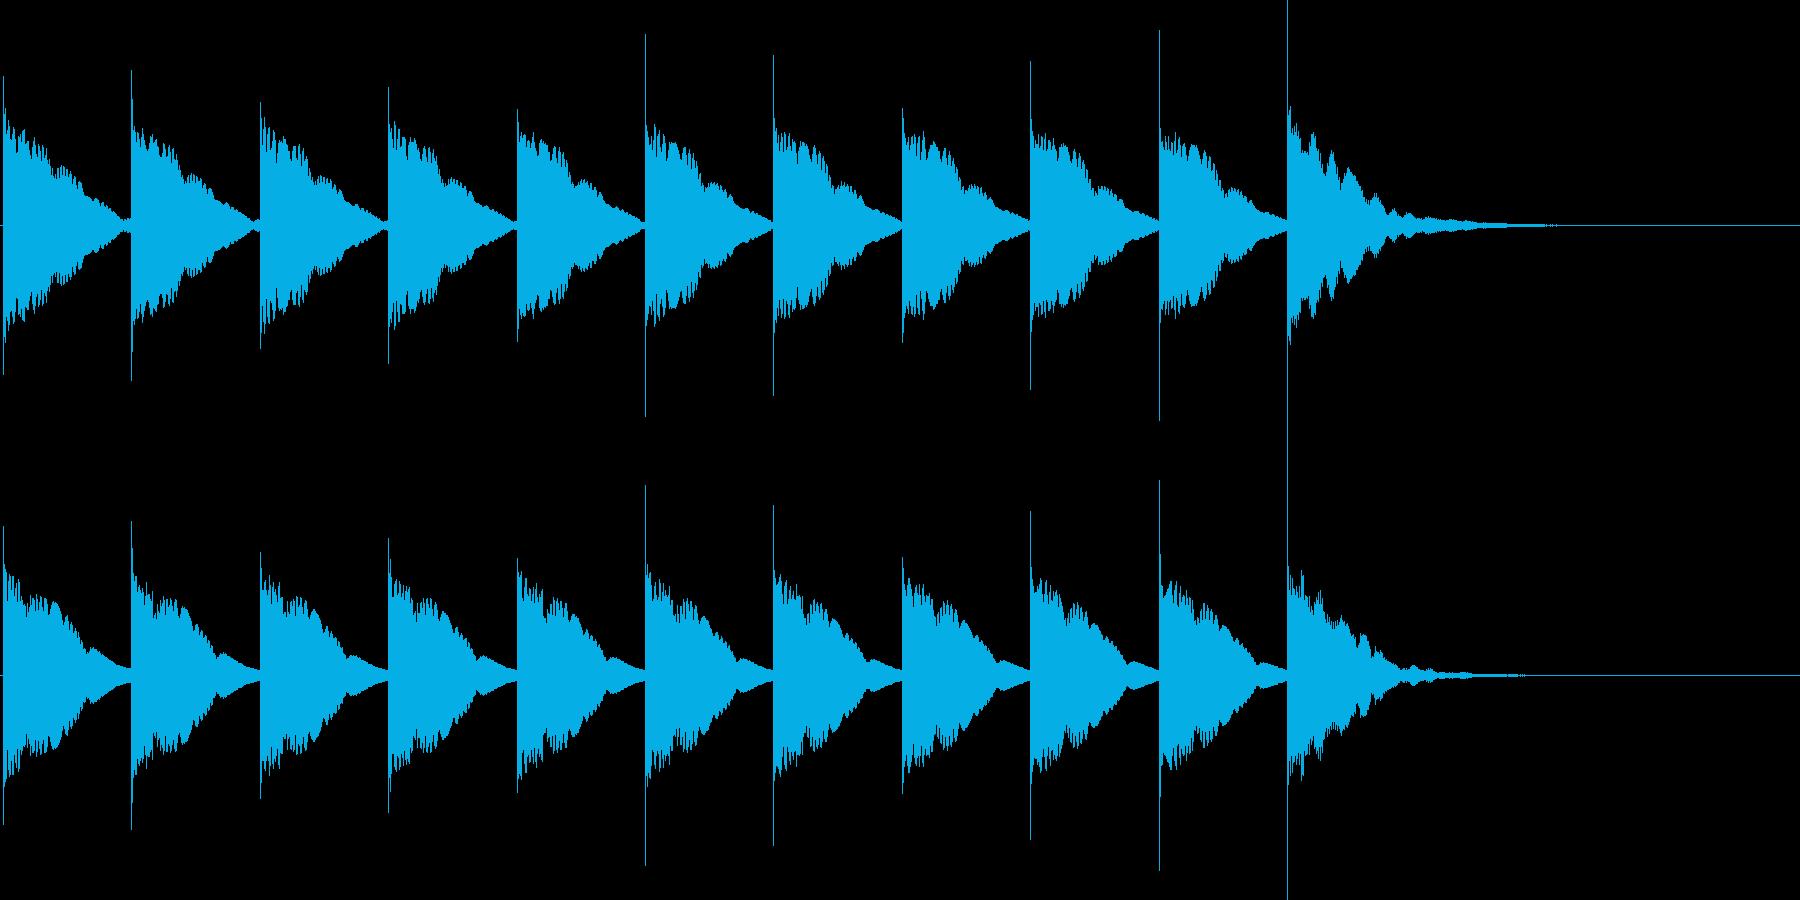 カウントダウンB3(10秒前)の再生済みの波形